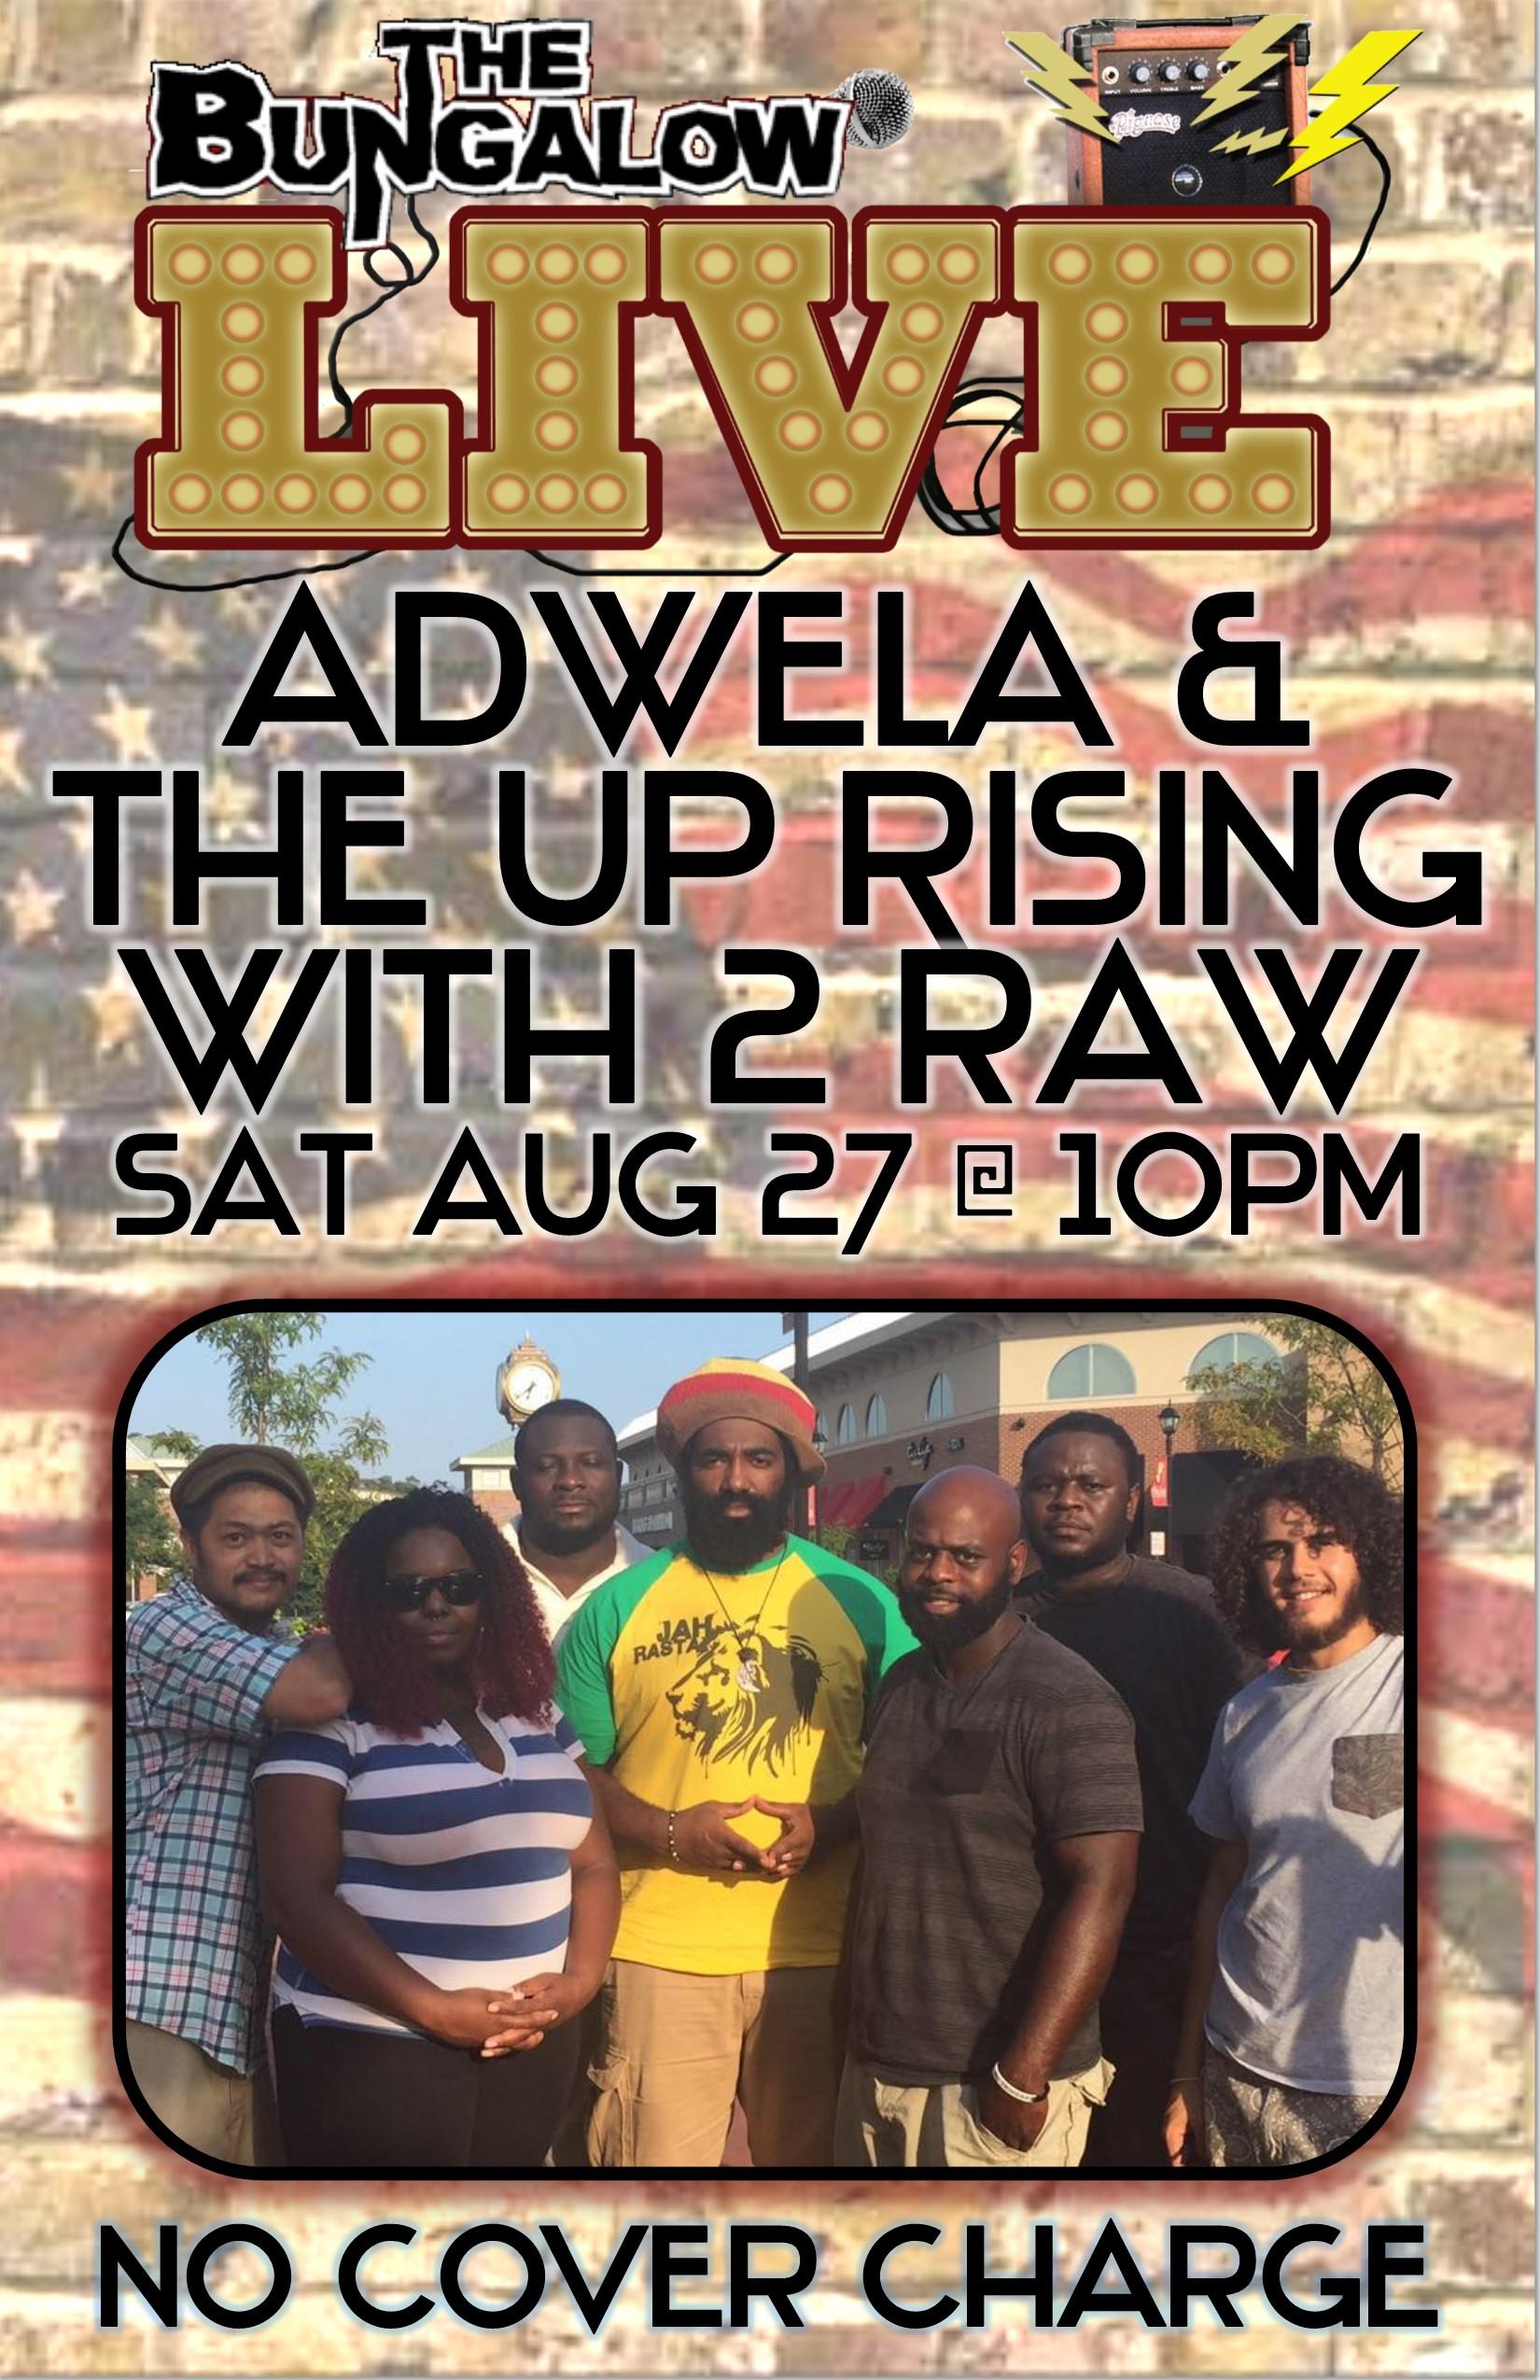 Adwela up rising 11X17